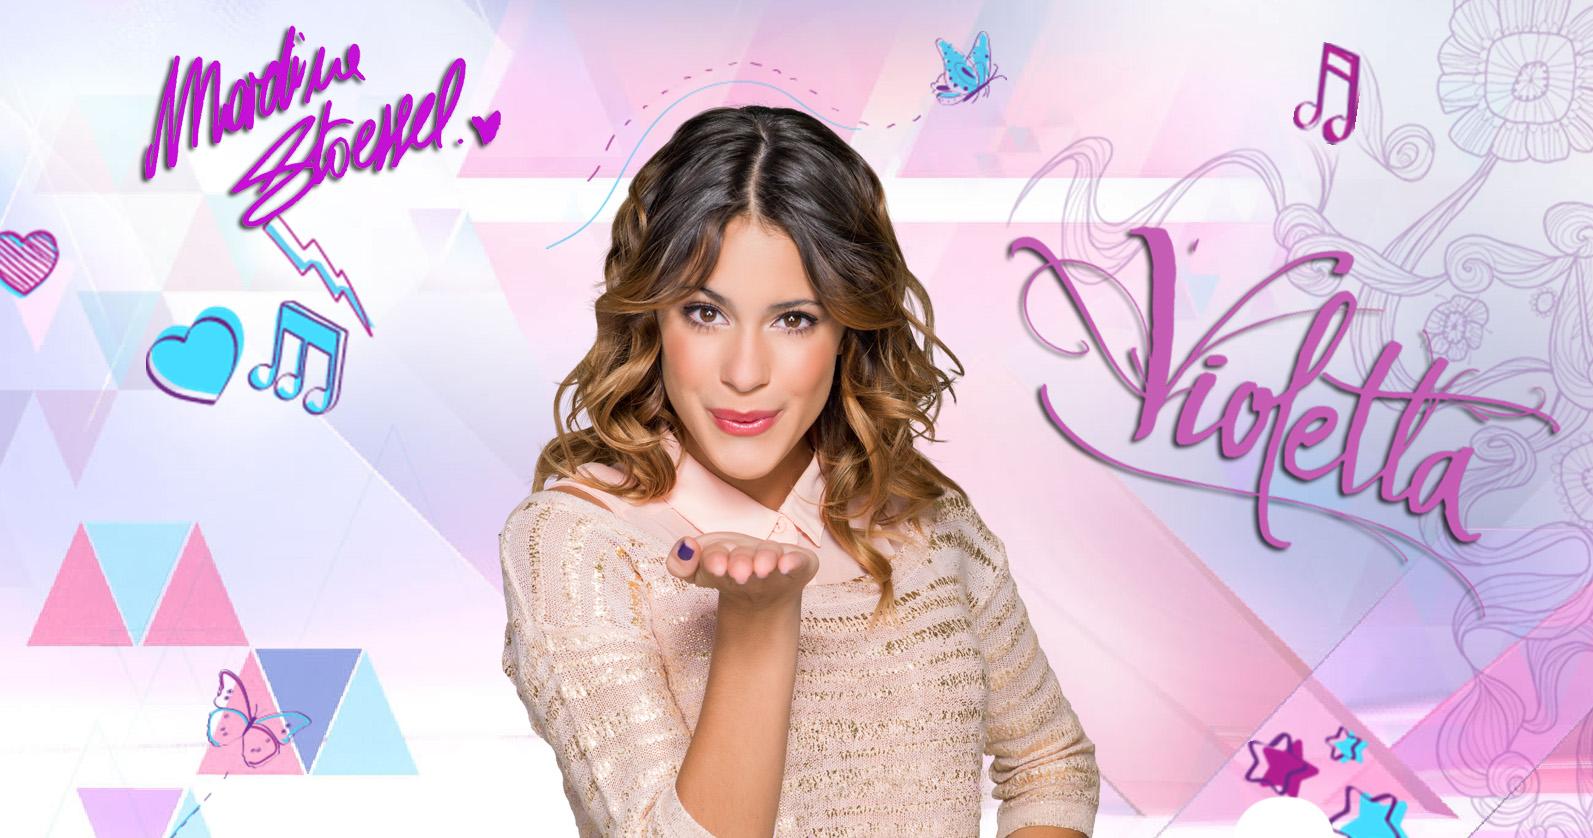 Violetta en concert a bordeaux les bons plans - Image violetta ...